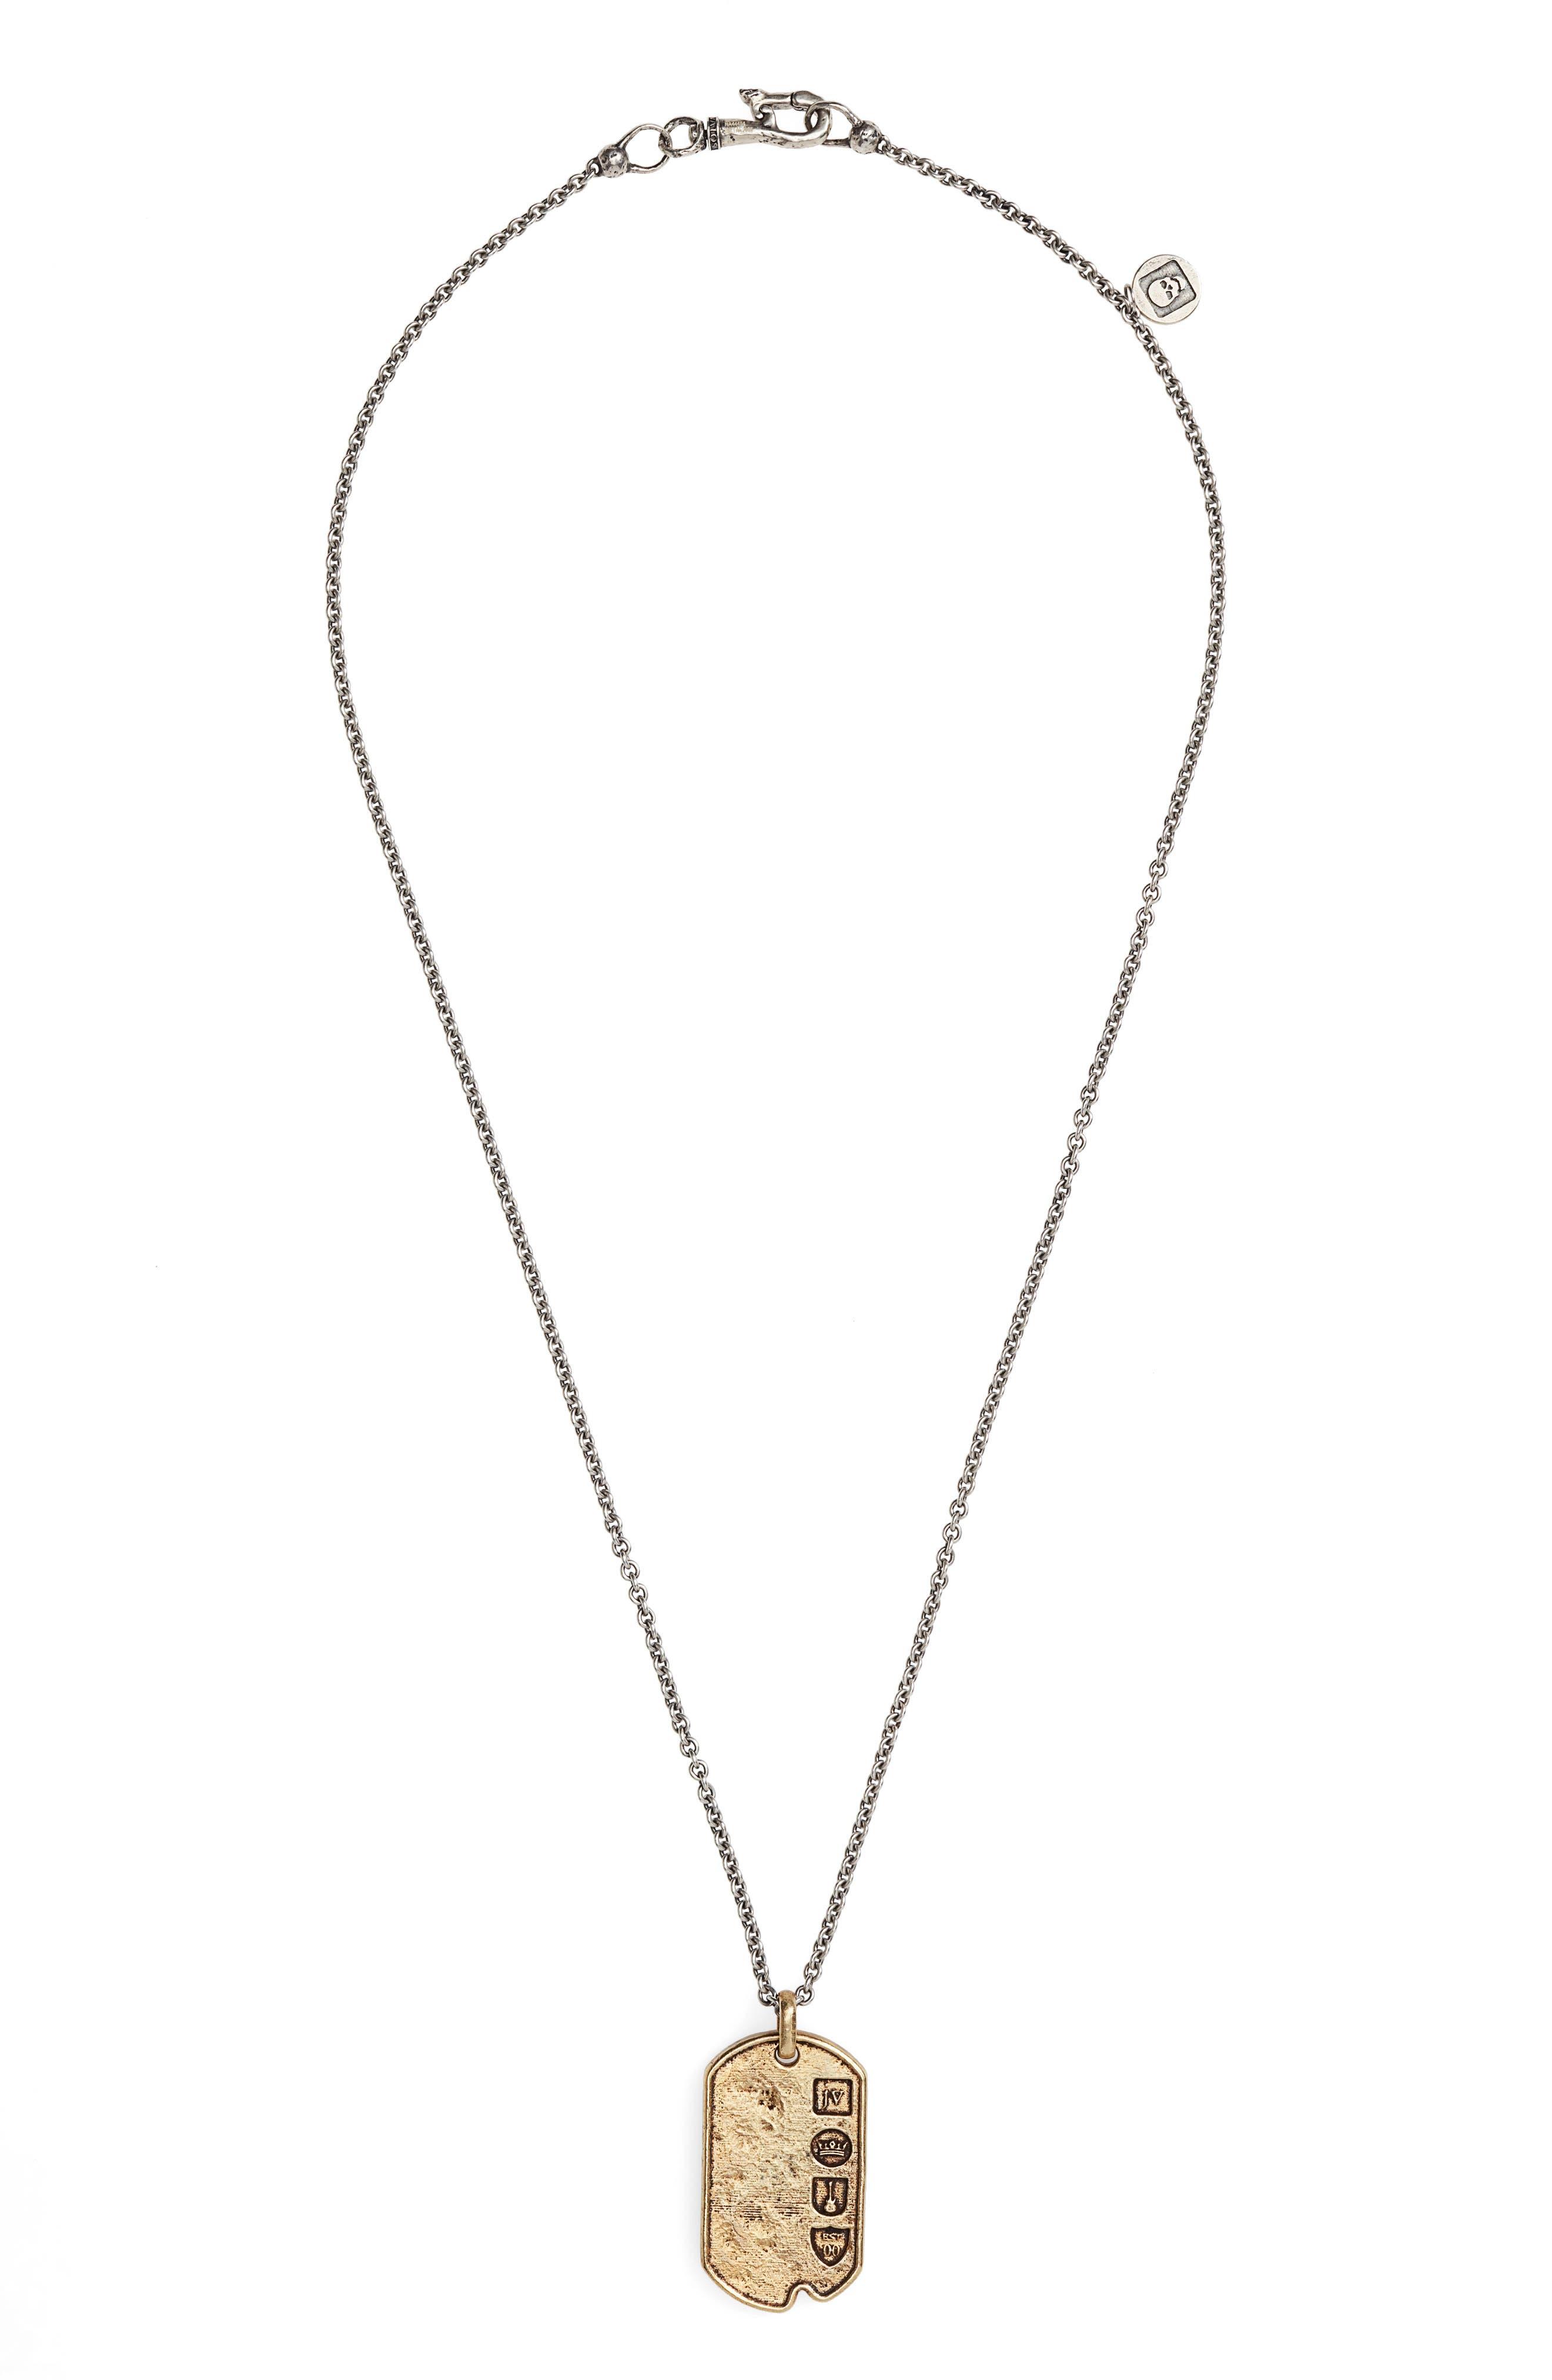 John Varvatos Dog Tag Pendant Necklace